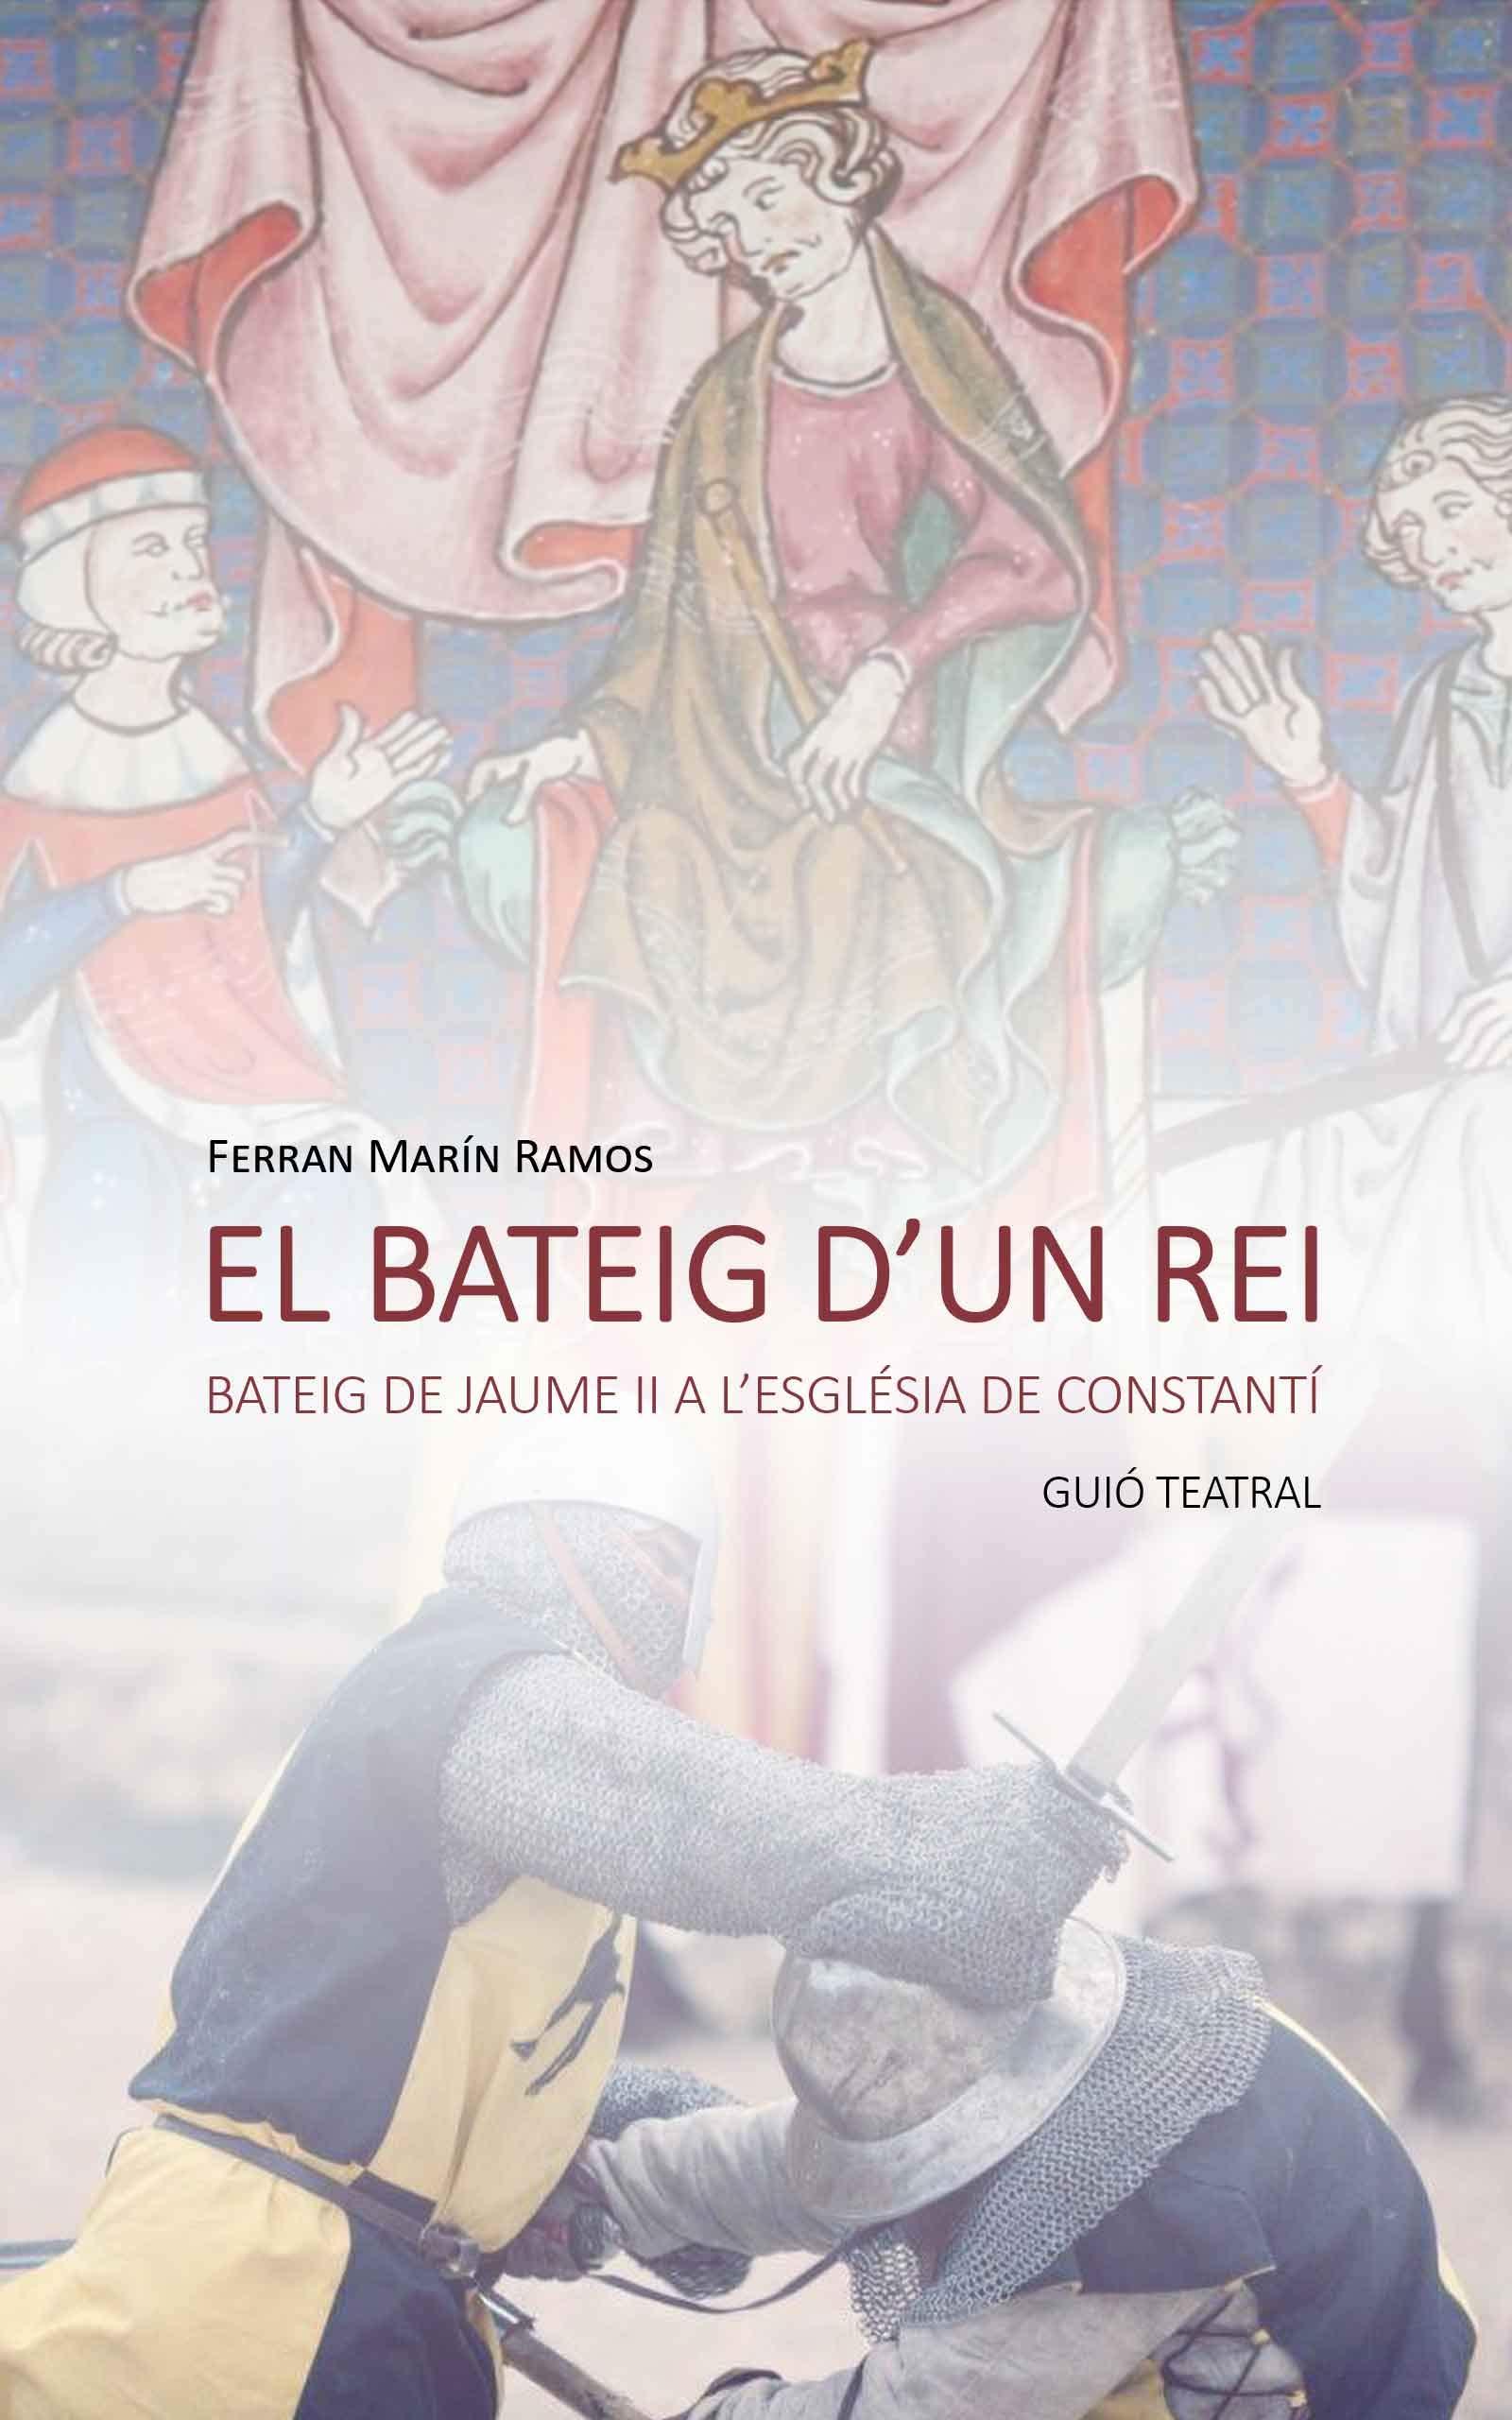 El bateig d'un rei: Bateig de Jaume II a l'església de Constantí (Catalan Edition)